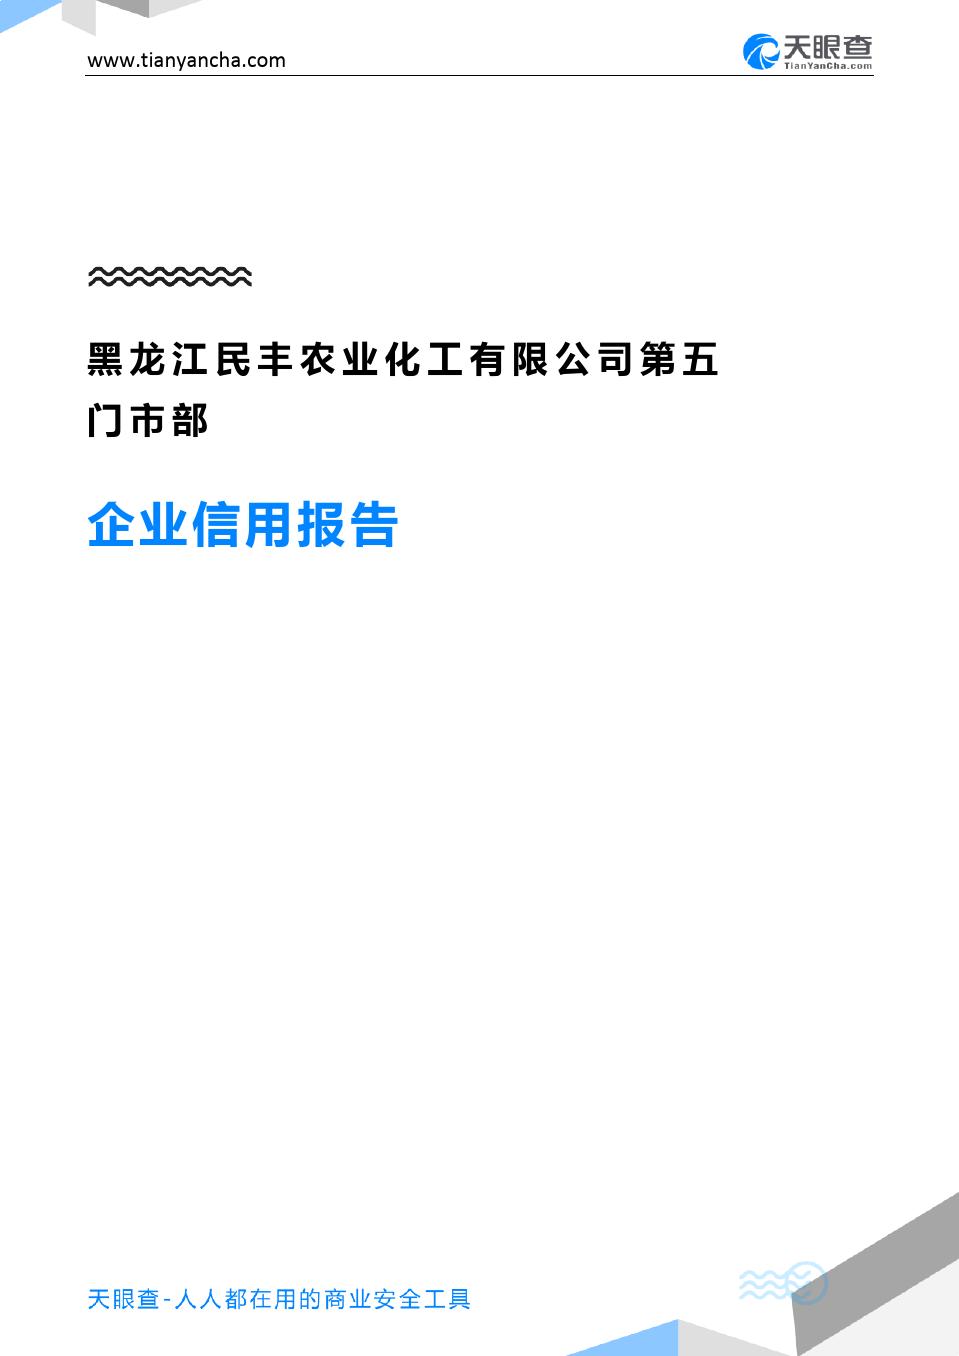 黑龙江民丰农业化工有限公司第五门市部企业信用报告-天眼查